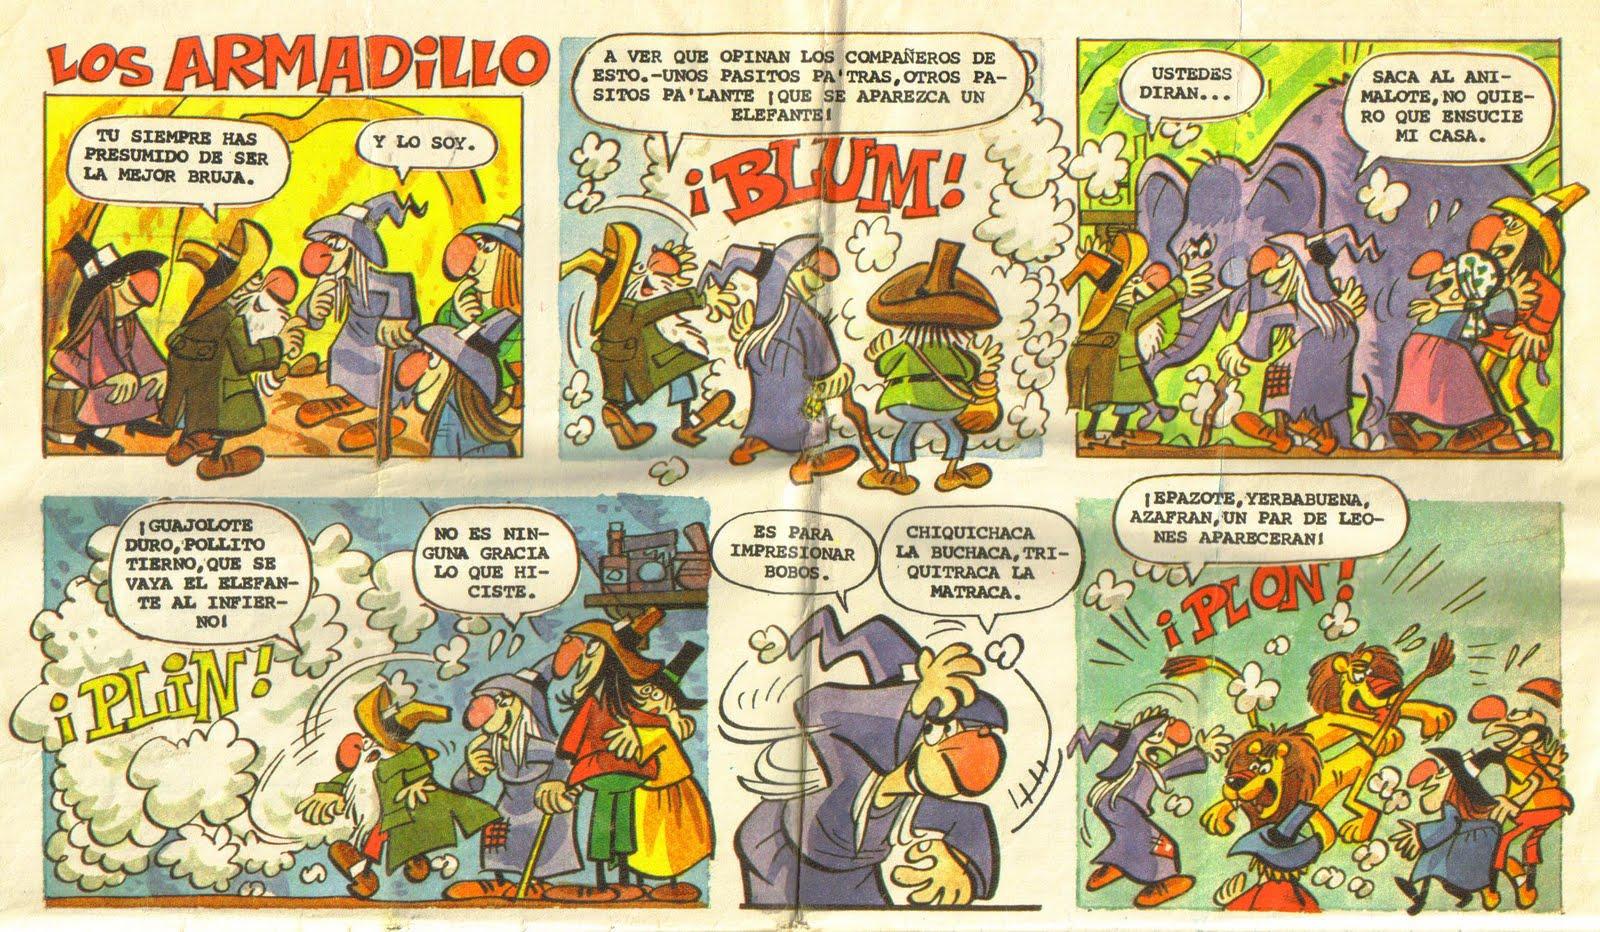 K Comen Los Armadillos STORMS OF STEEL: Los A...